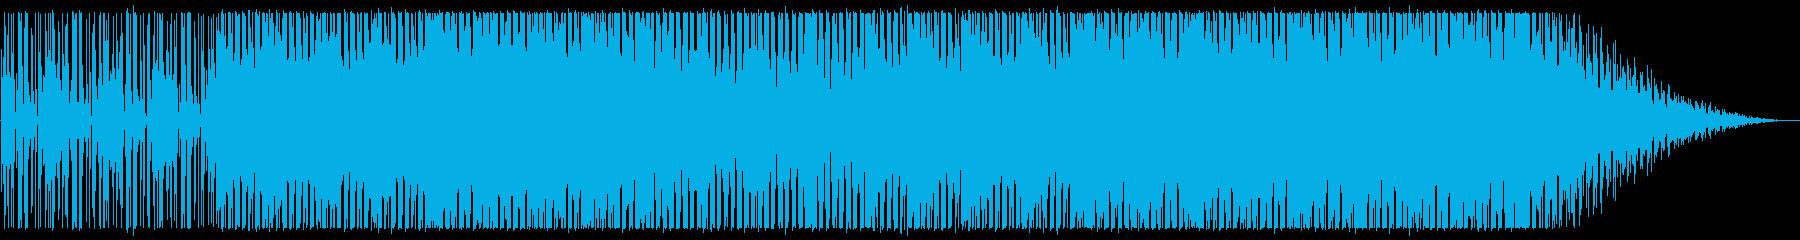 クール/都会/ハウス_No442の再生済みの波形